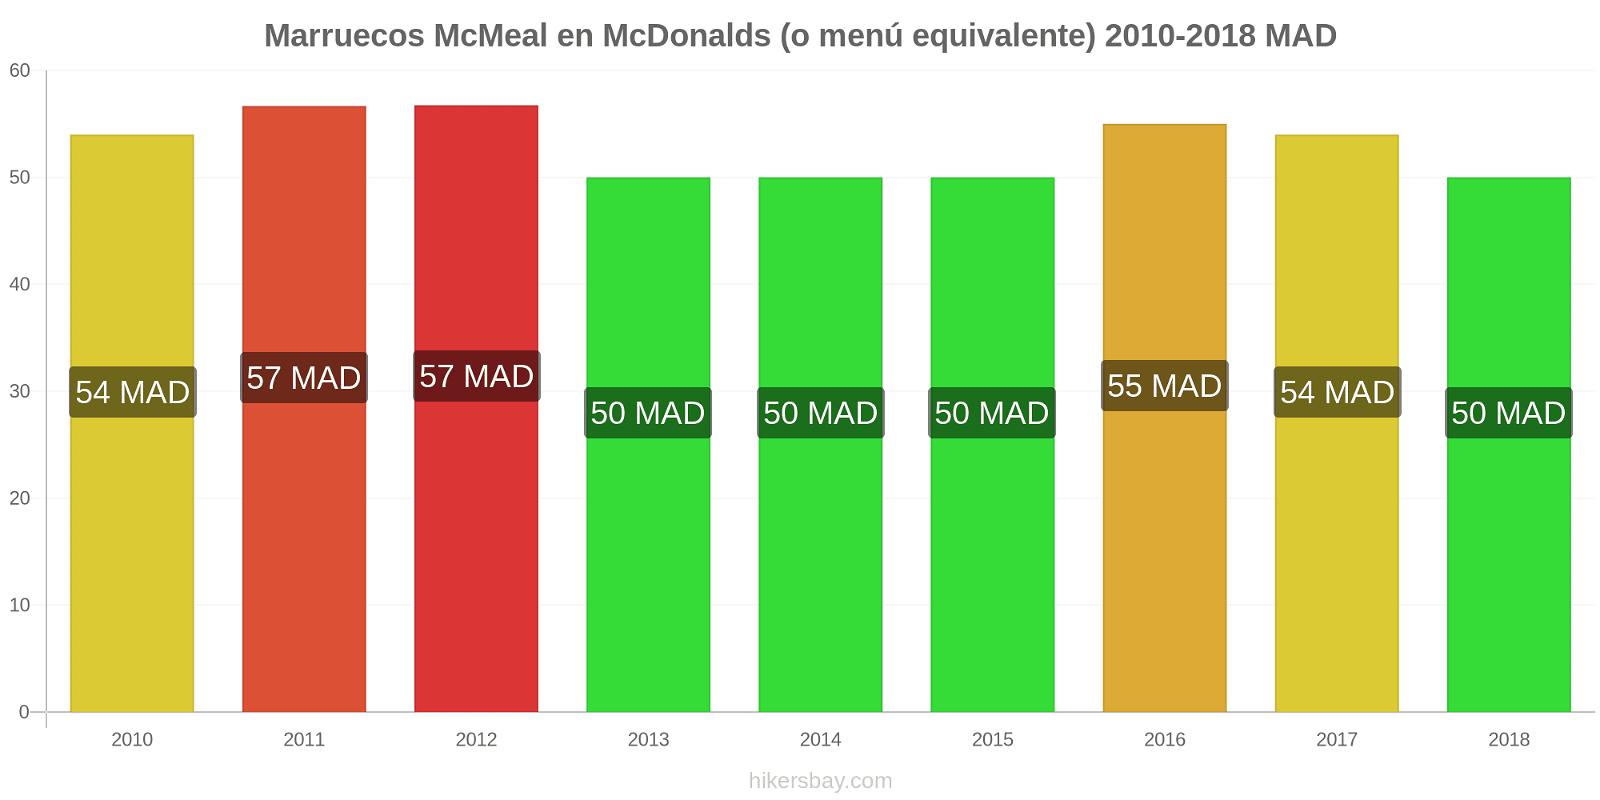 Marruecos cambios de precios McMeal en McDonalds (o menú equivalente) hikersbay.com